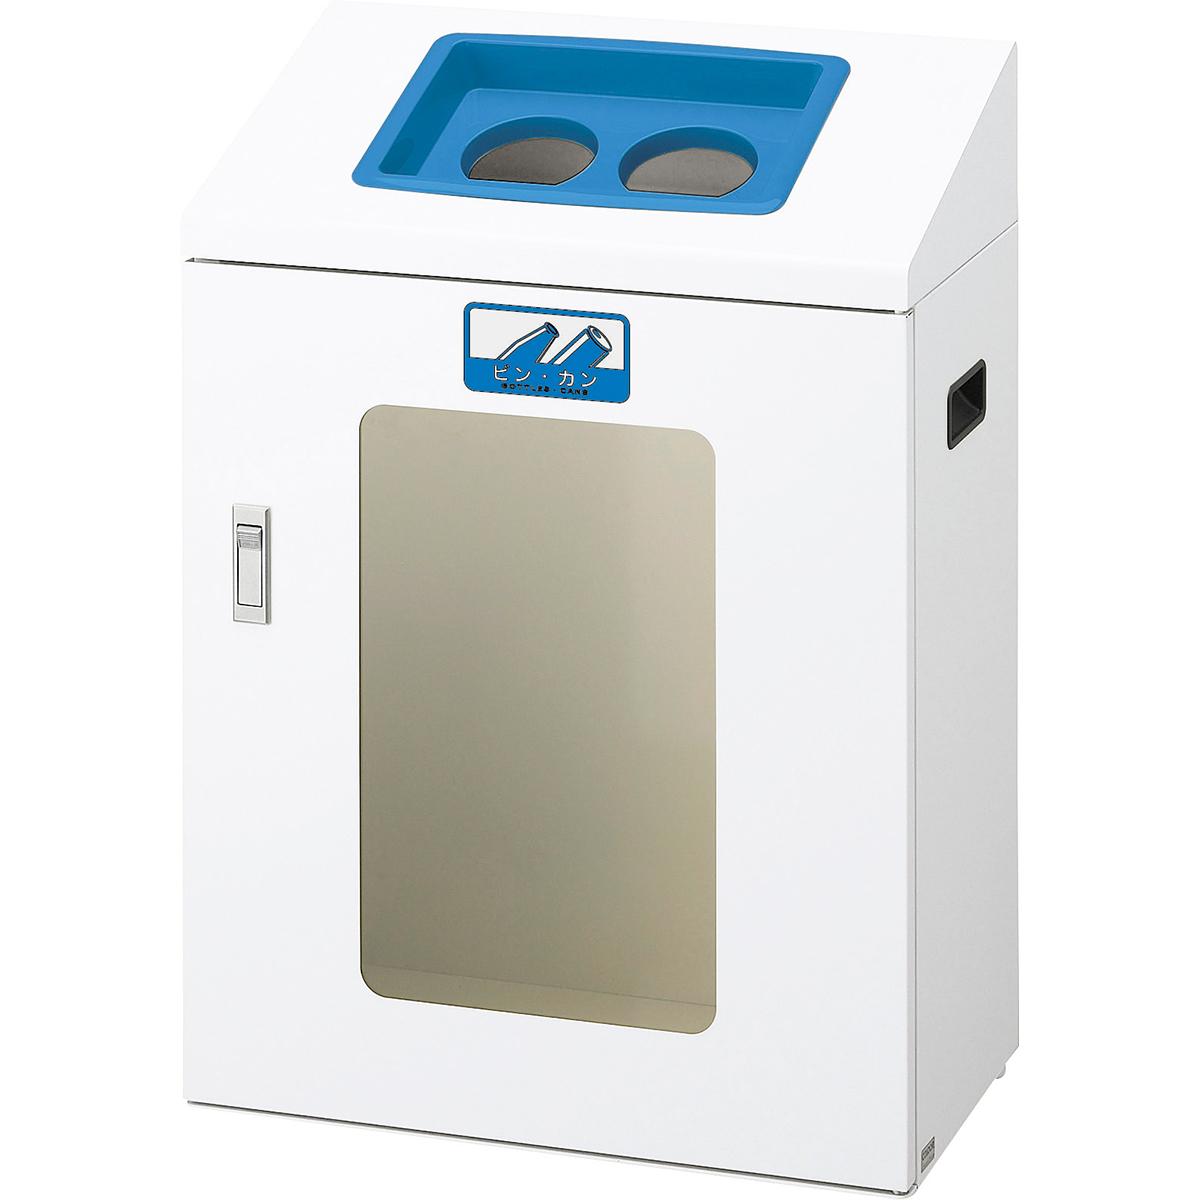 【単品配送】 山崎産業 リサイクルボックス YIS-50 70L ビン・カン/BL(青) YW-374L-ID